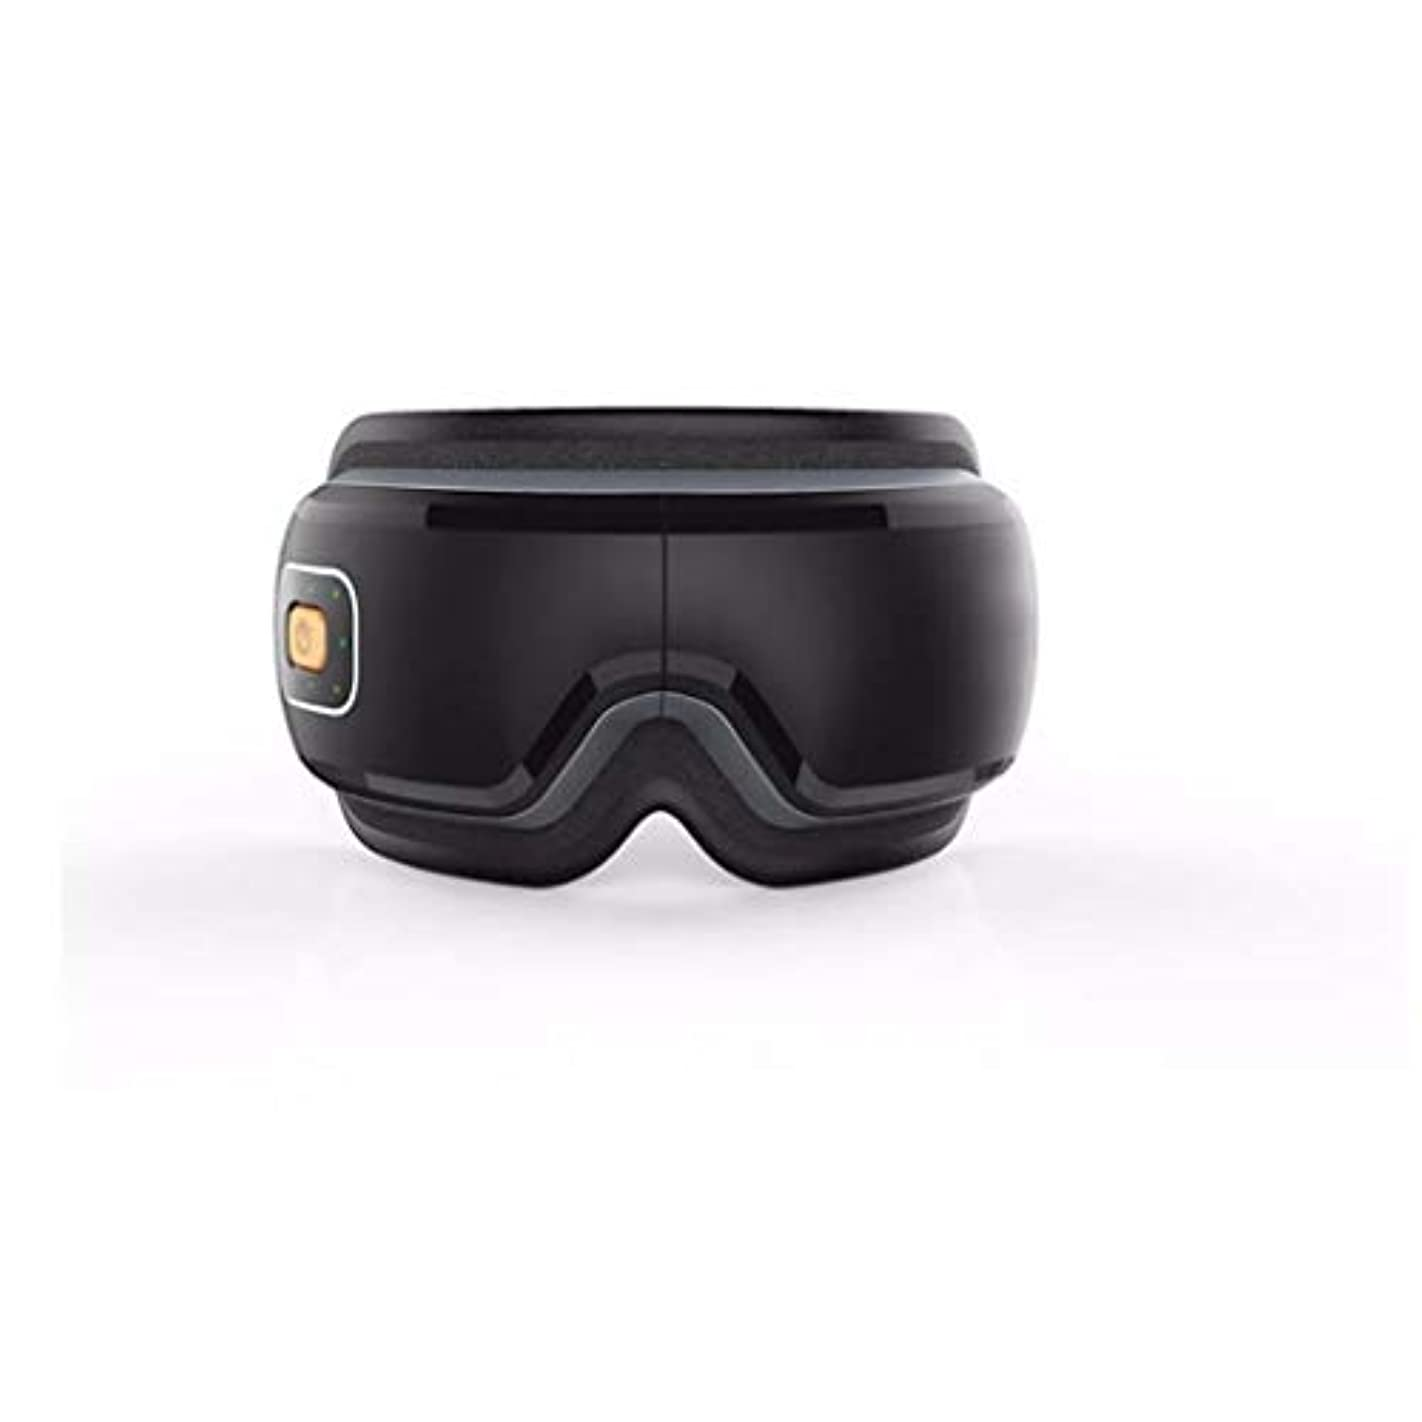 どうやら注入繕うアイマッサージャー、スマート電気アイマッサージアイマスク、音楽/加熱/圧縮/空気圧/複数周波数の振動/なだめるような音楽アイケア、マッサージリモートコントロール、旅行オフィスファミリーカー